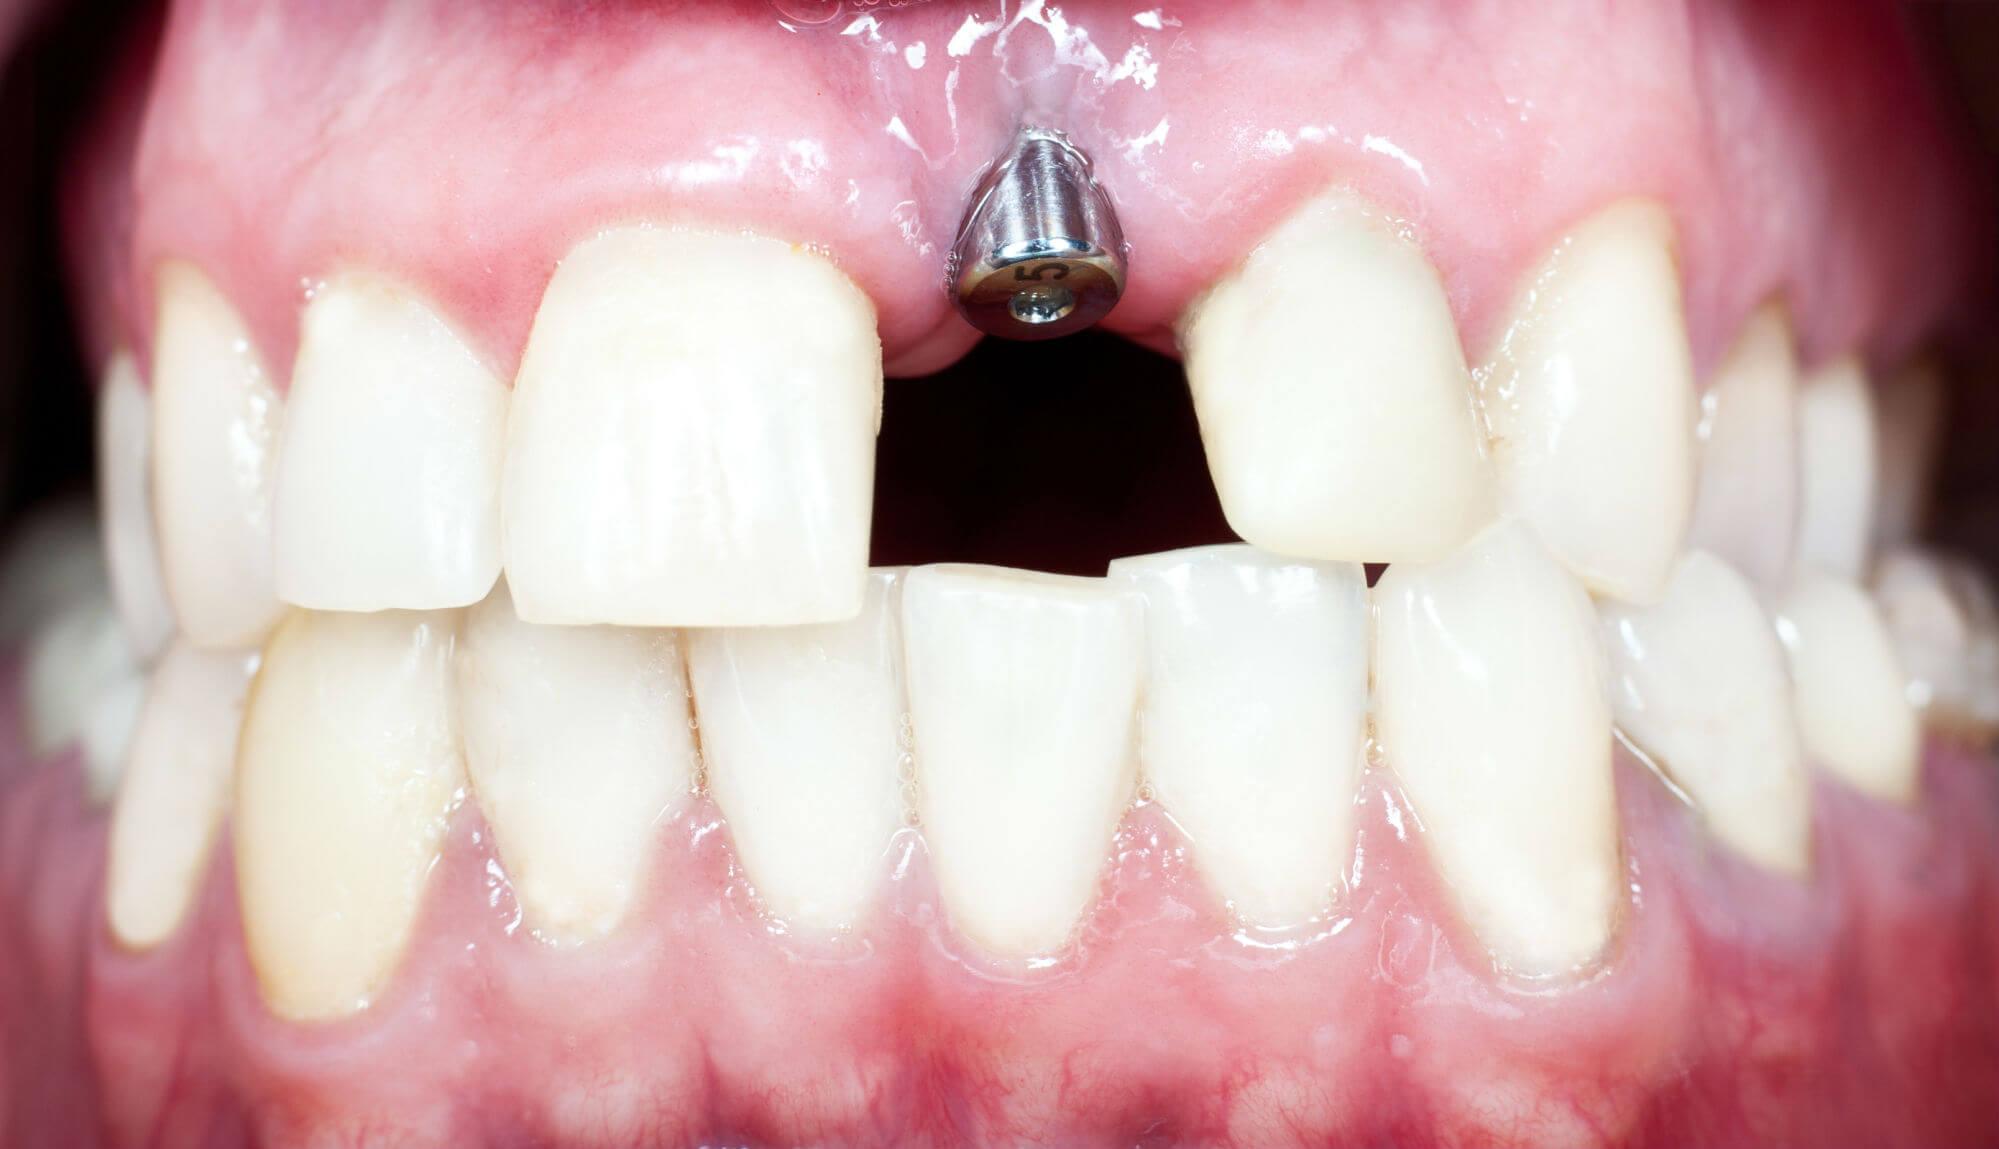 смешные фото имплатанцыя зубов груза пределах